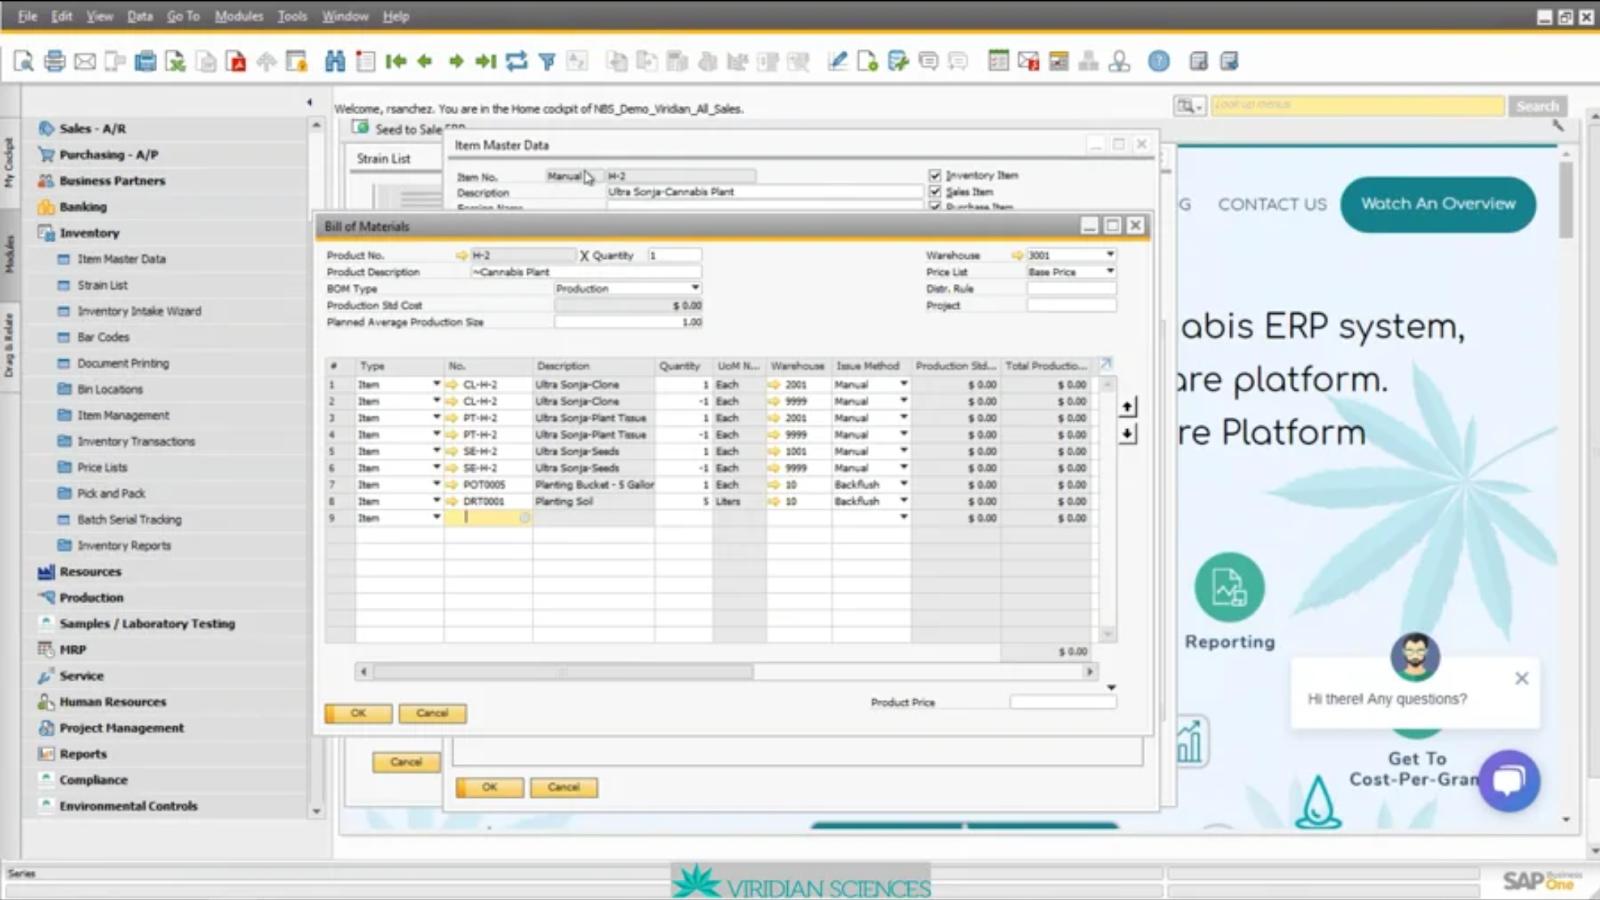 Viridian Sciences Product Screenshot